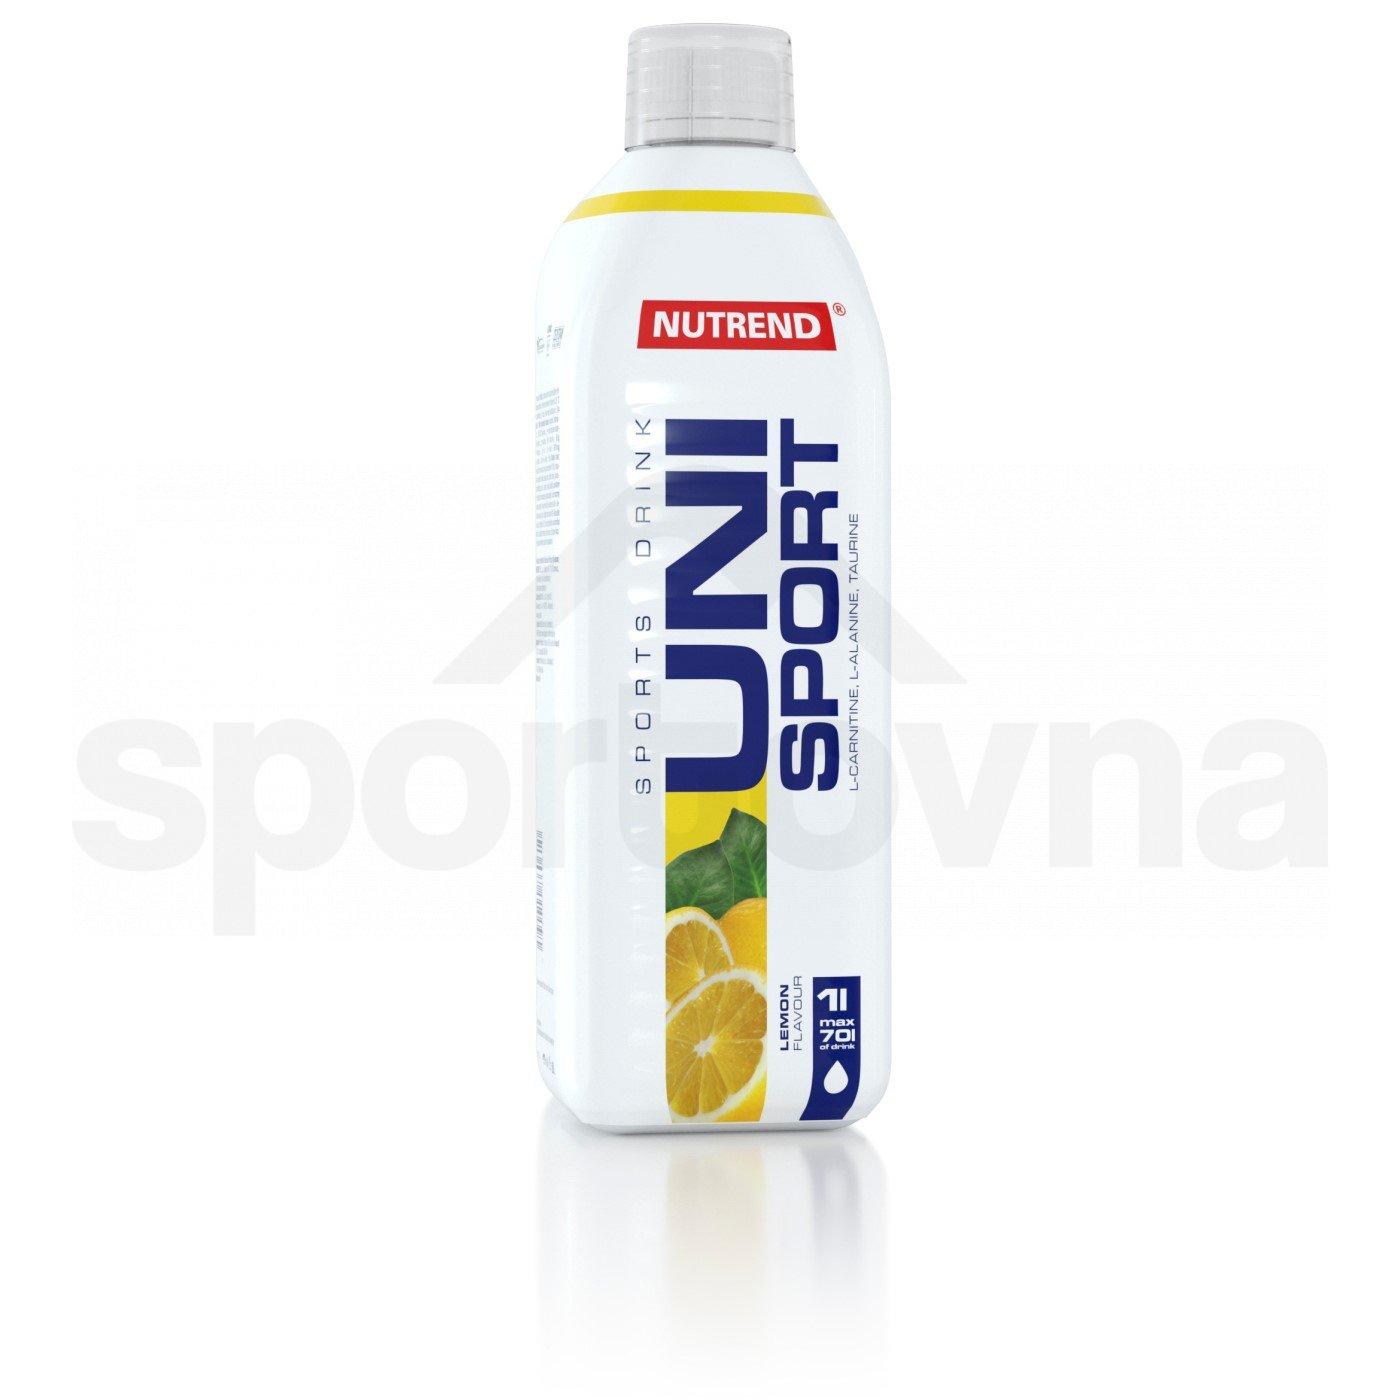 Nutrend Unisport 1000ml citron